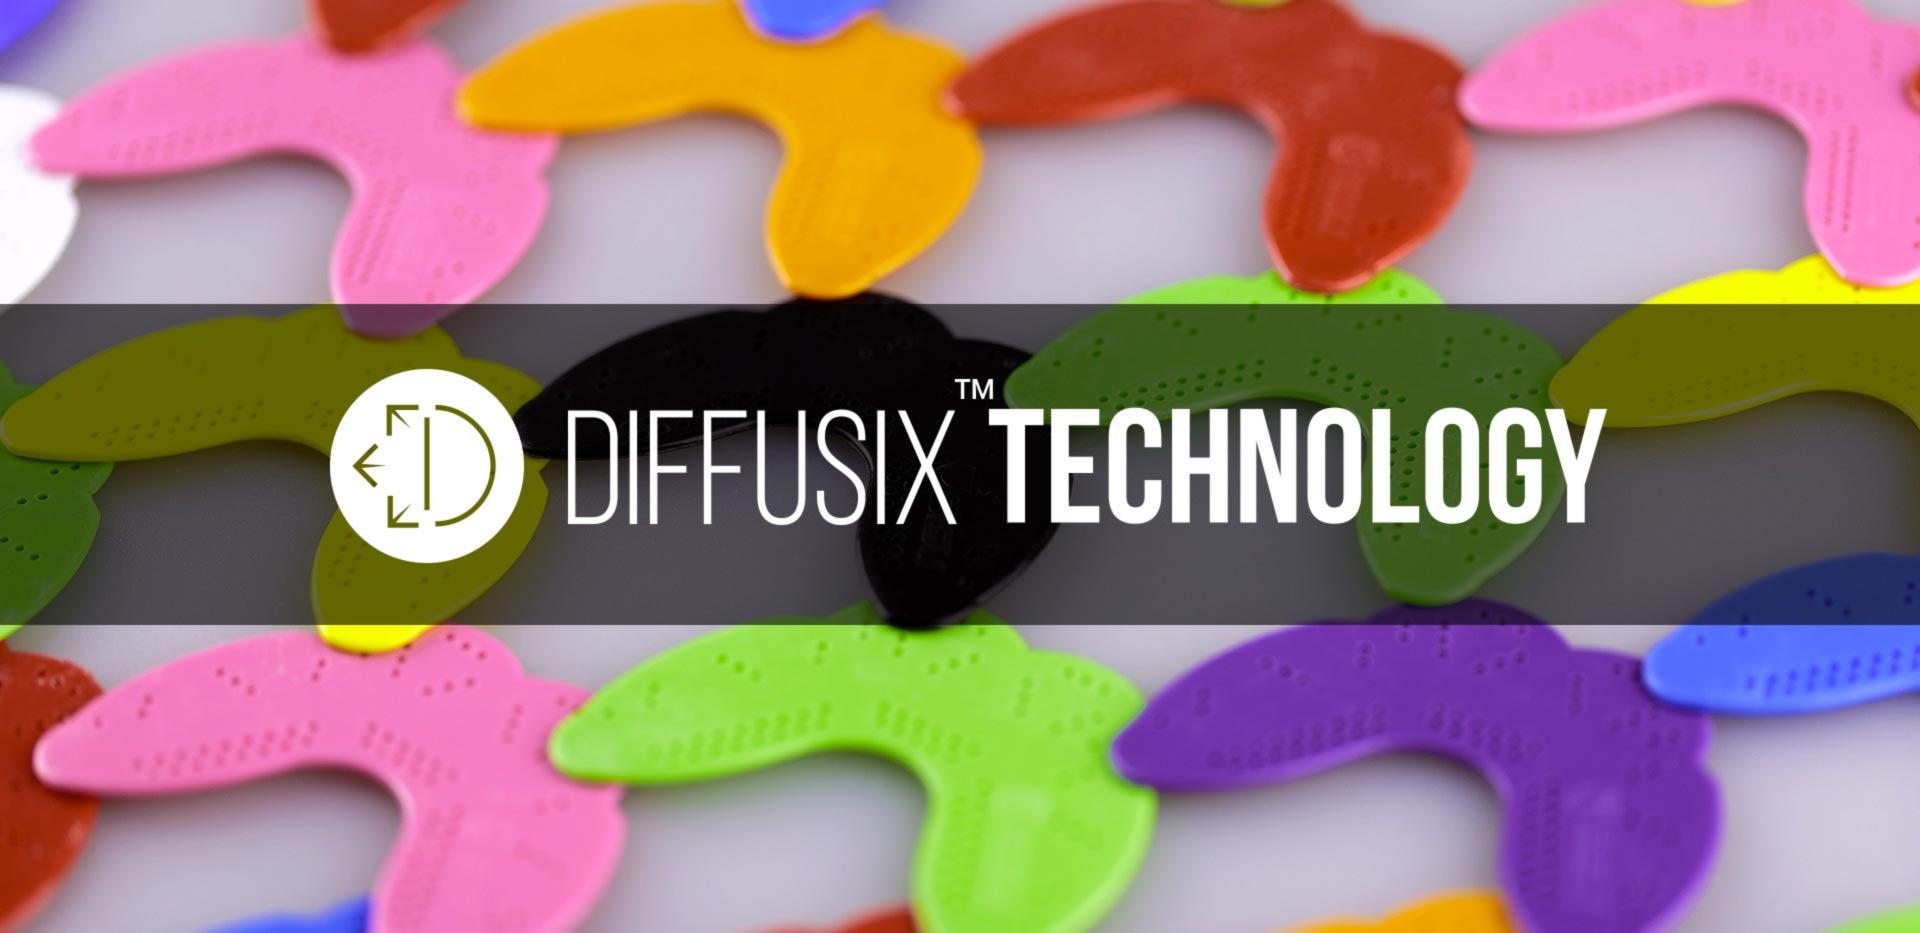 SISU Mouthguard Diffusix Technology